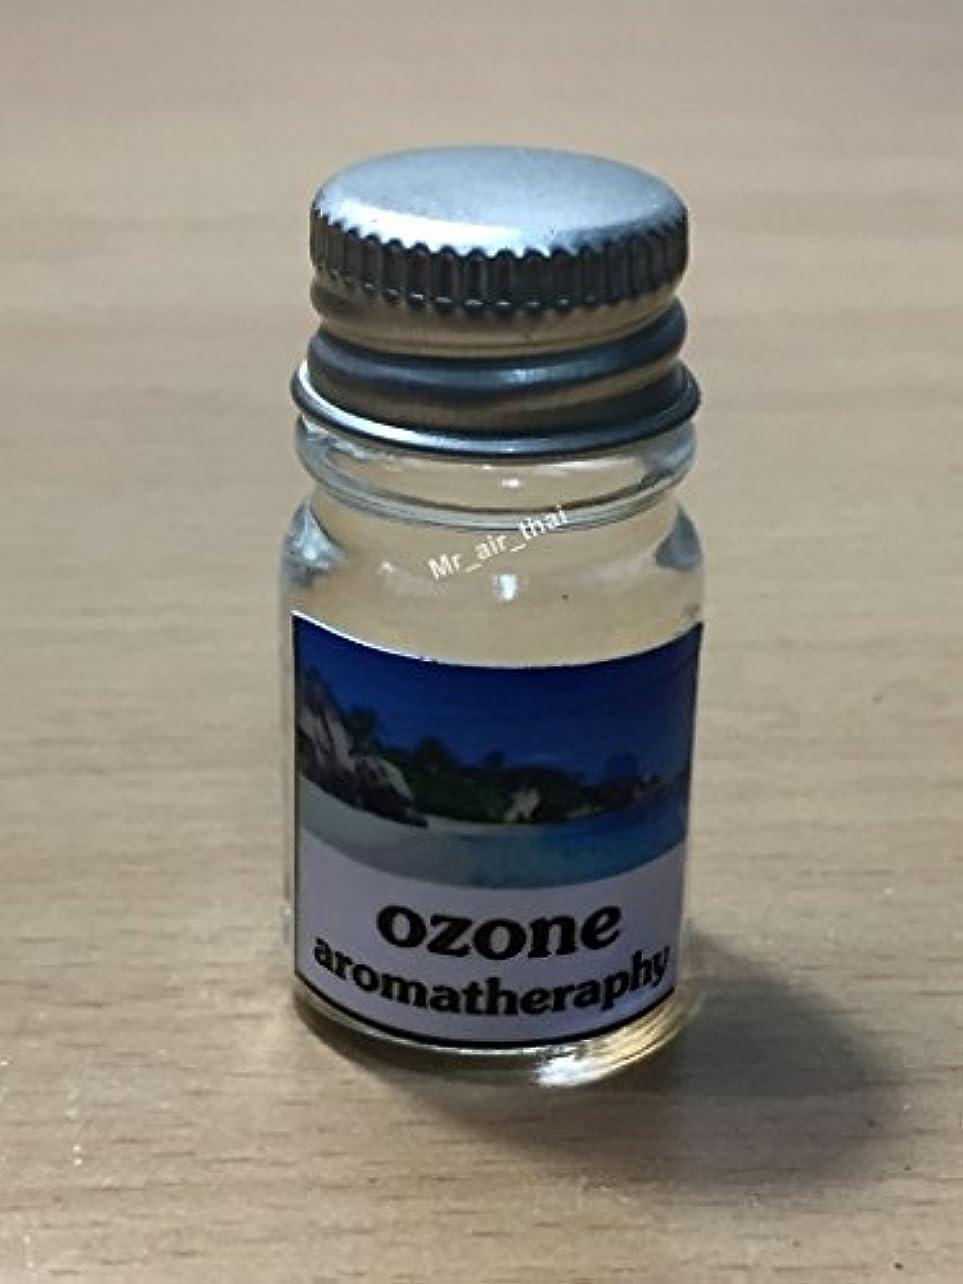 興味ベース認証5ミリリットルアロマオゾンフランクインセンスエッセンシャルオイルボトルアロマテラピーオイル自然自然5ml Aroma Ozone Frankincense Essential Oil Bottles Aromatherapy...